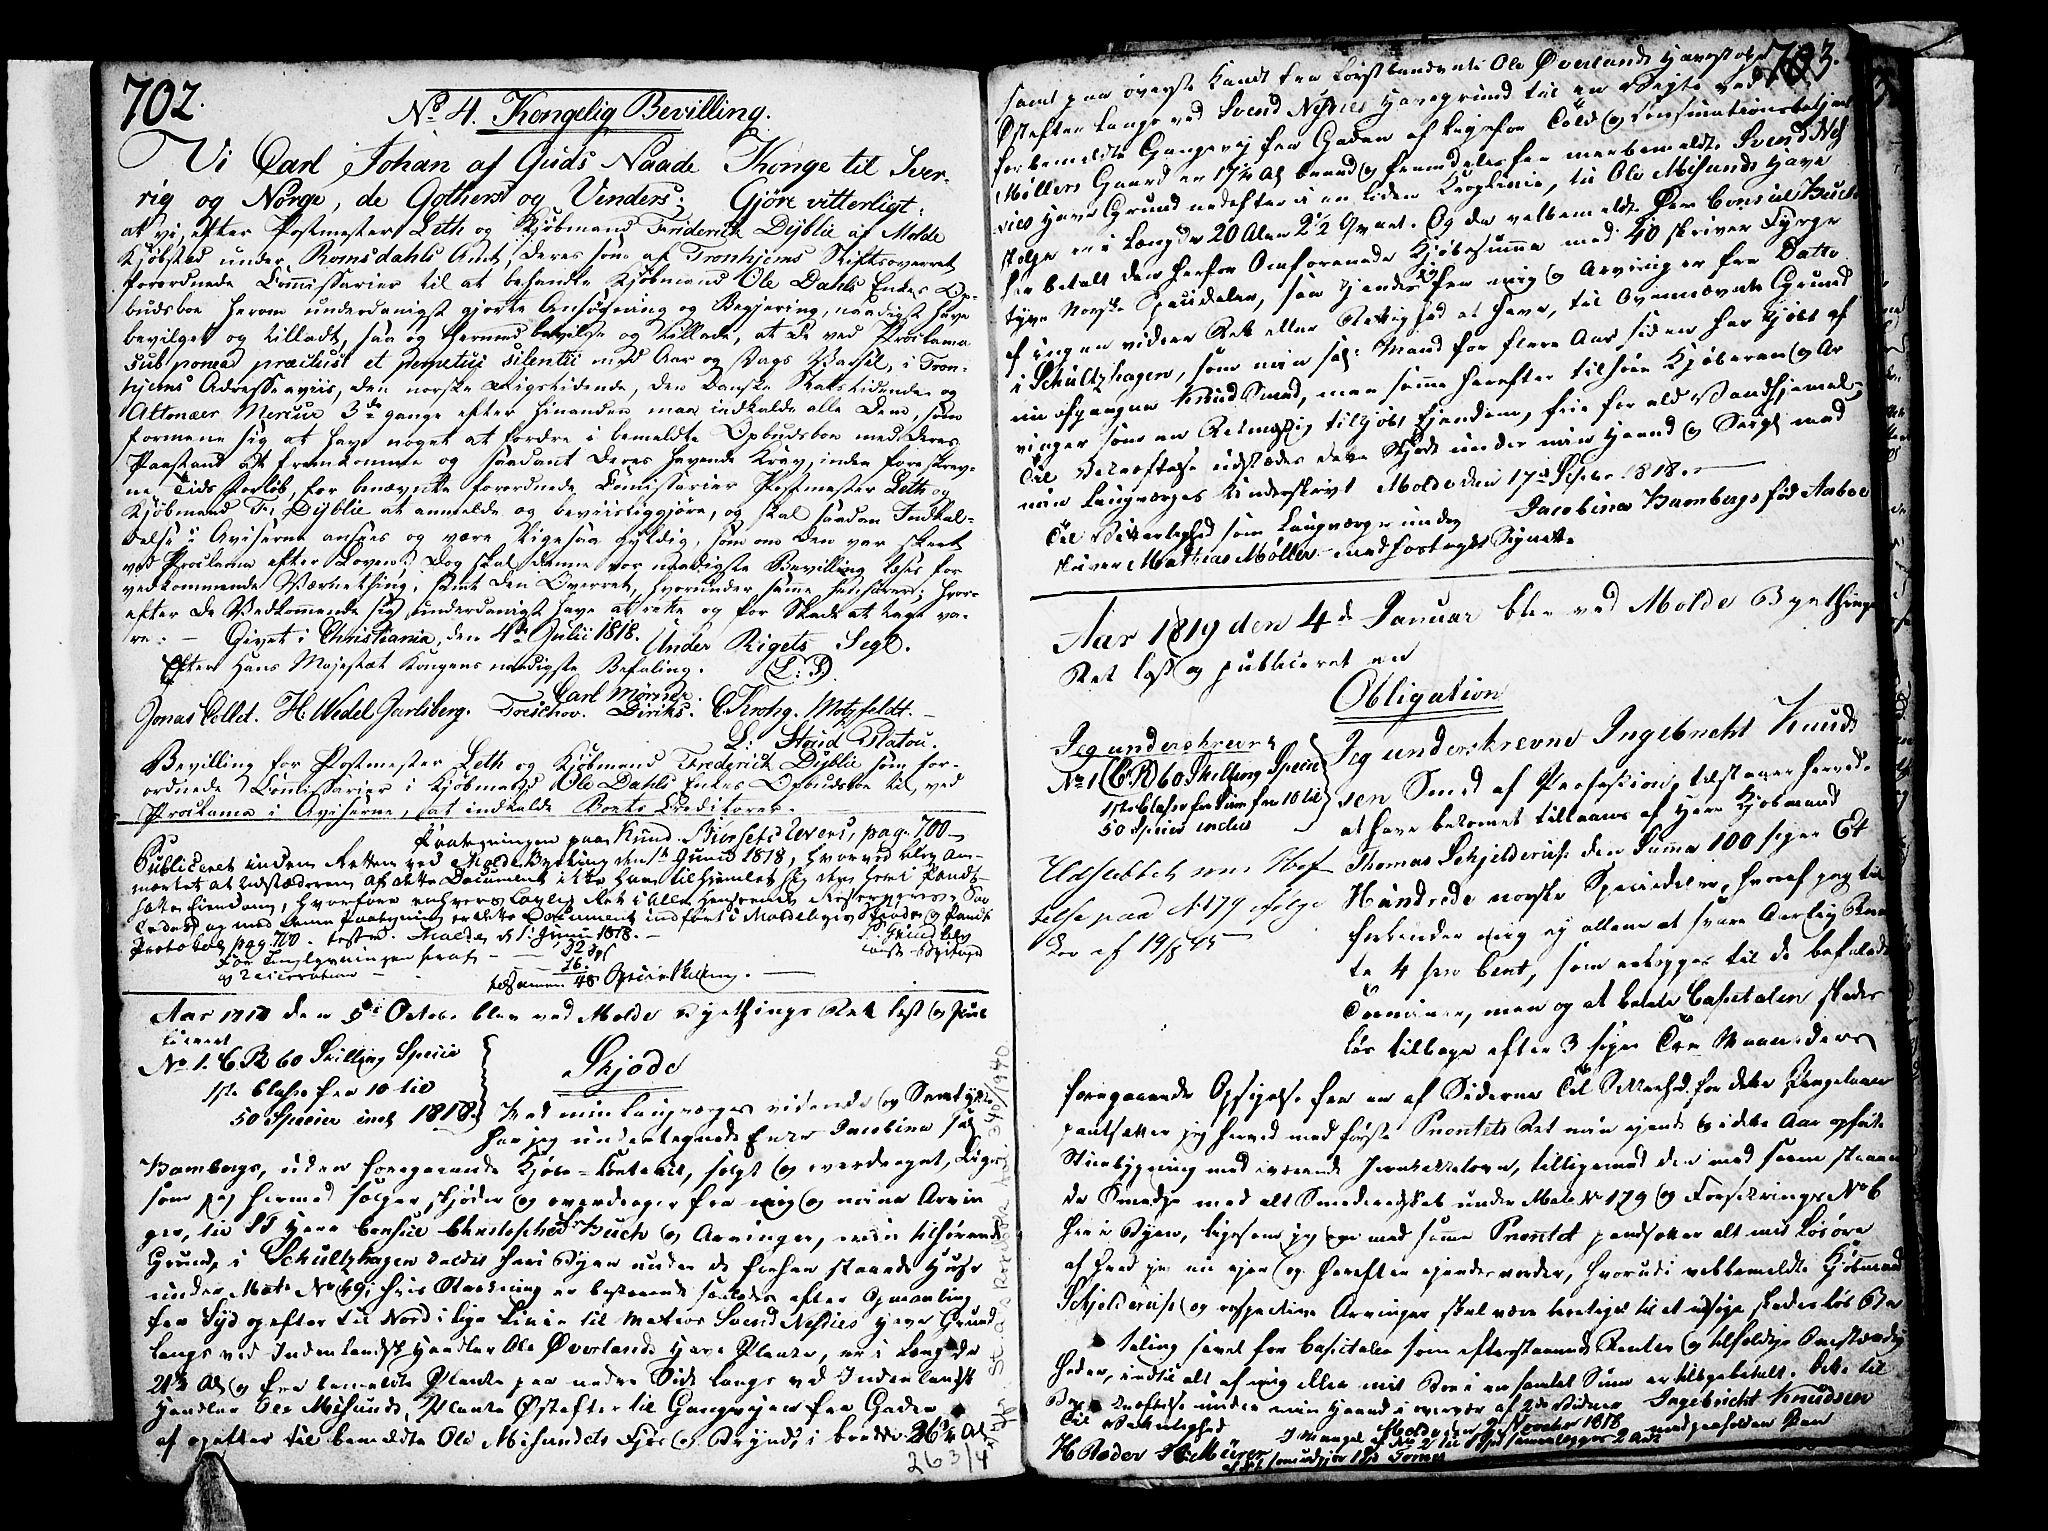 SAT, Molde byfogd, 2C/L0001: Pantebok nr. 1, 1748-1823, s. 702-703